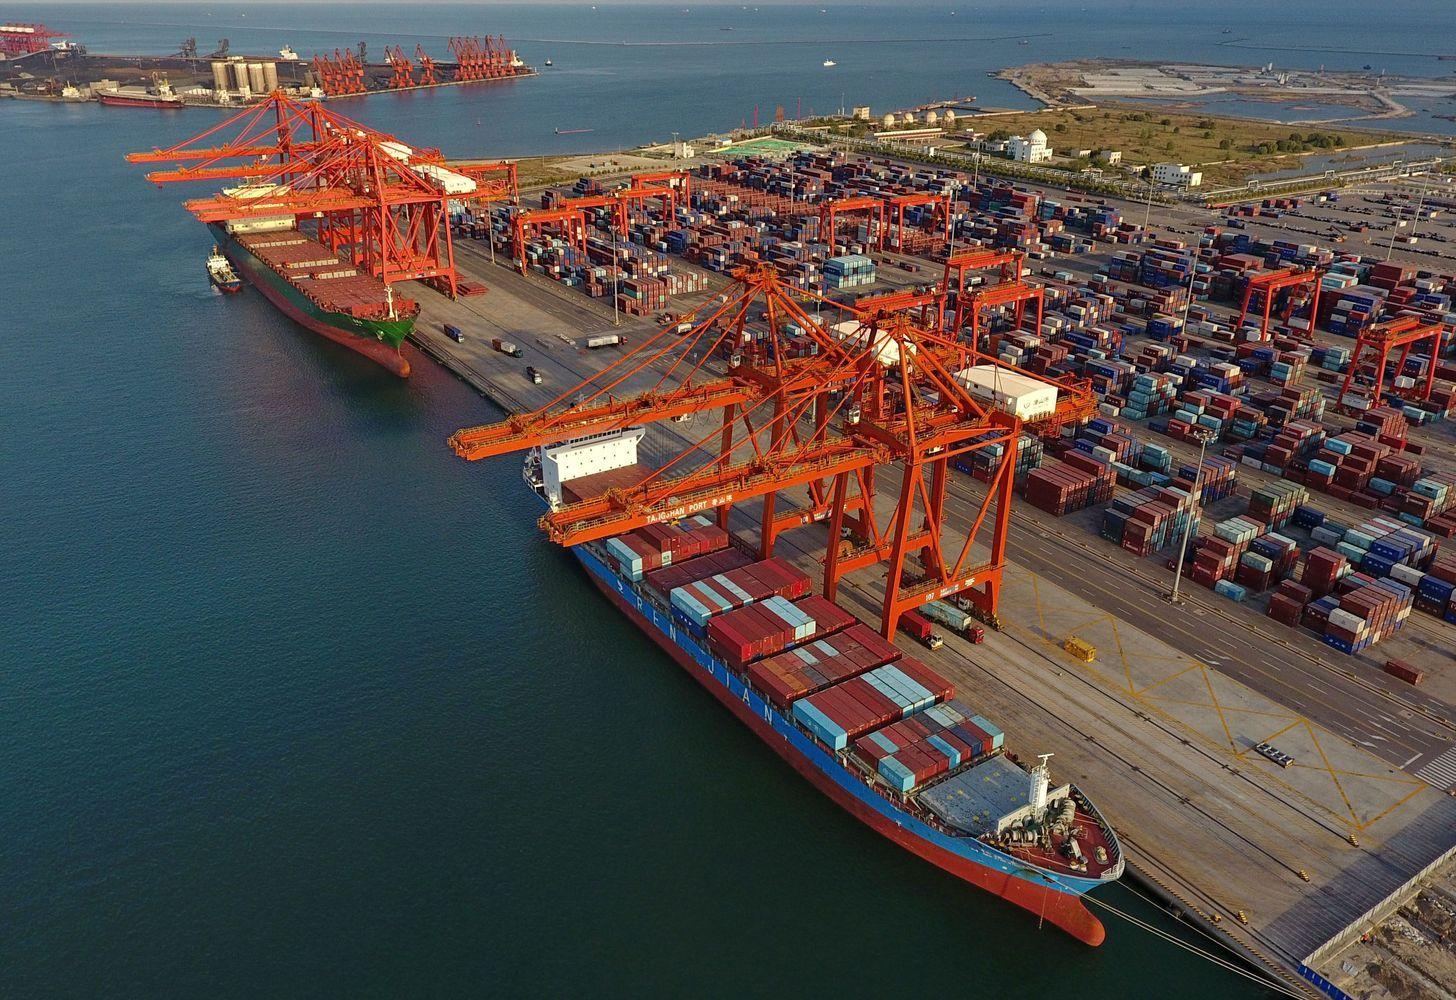 Kinijos ekonomika – prekybos karo gniaužtuose